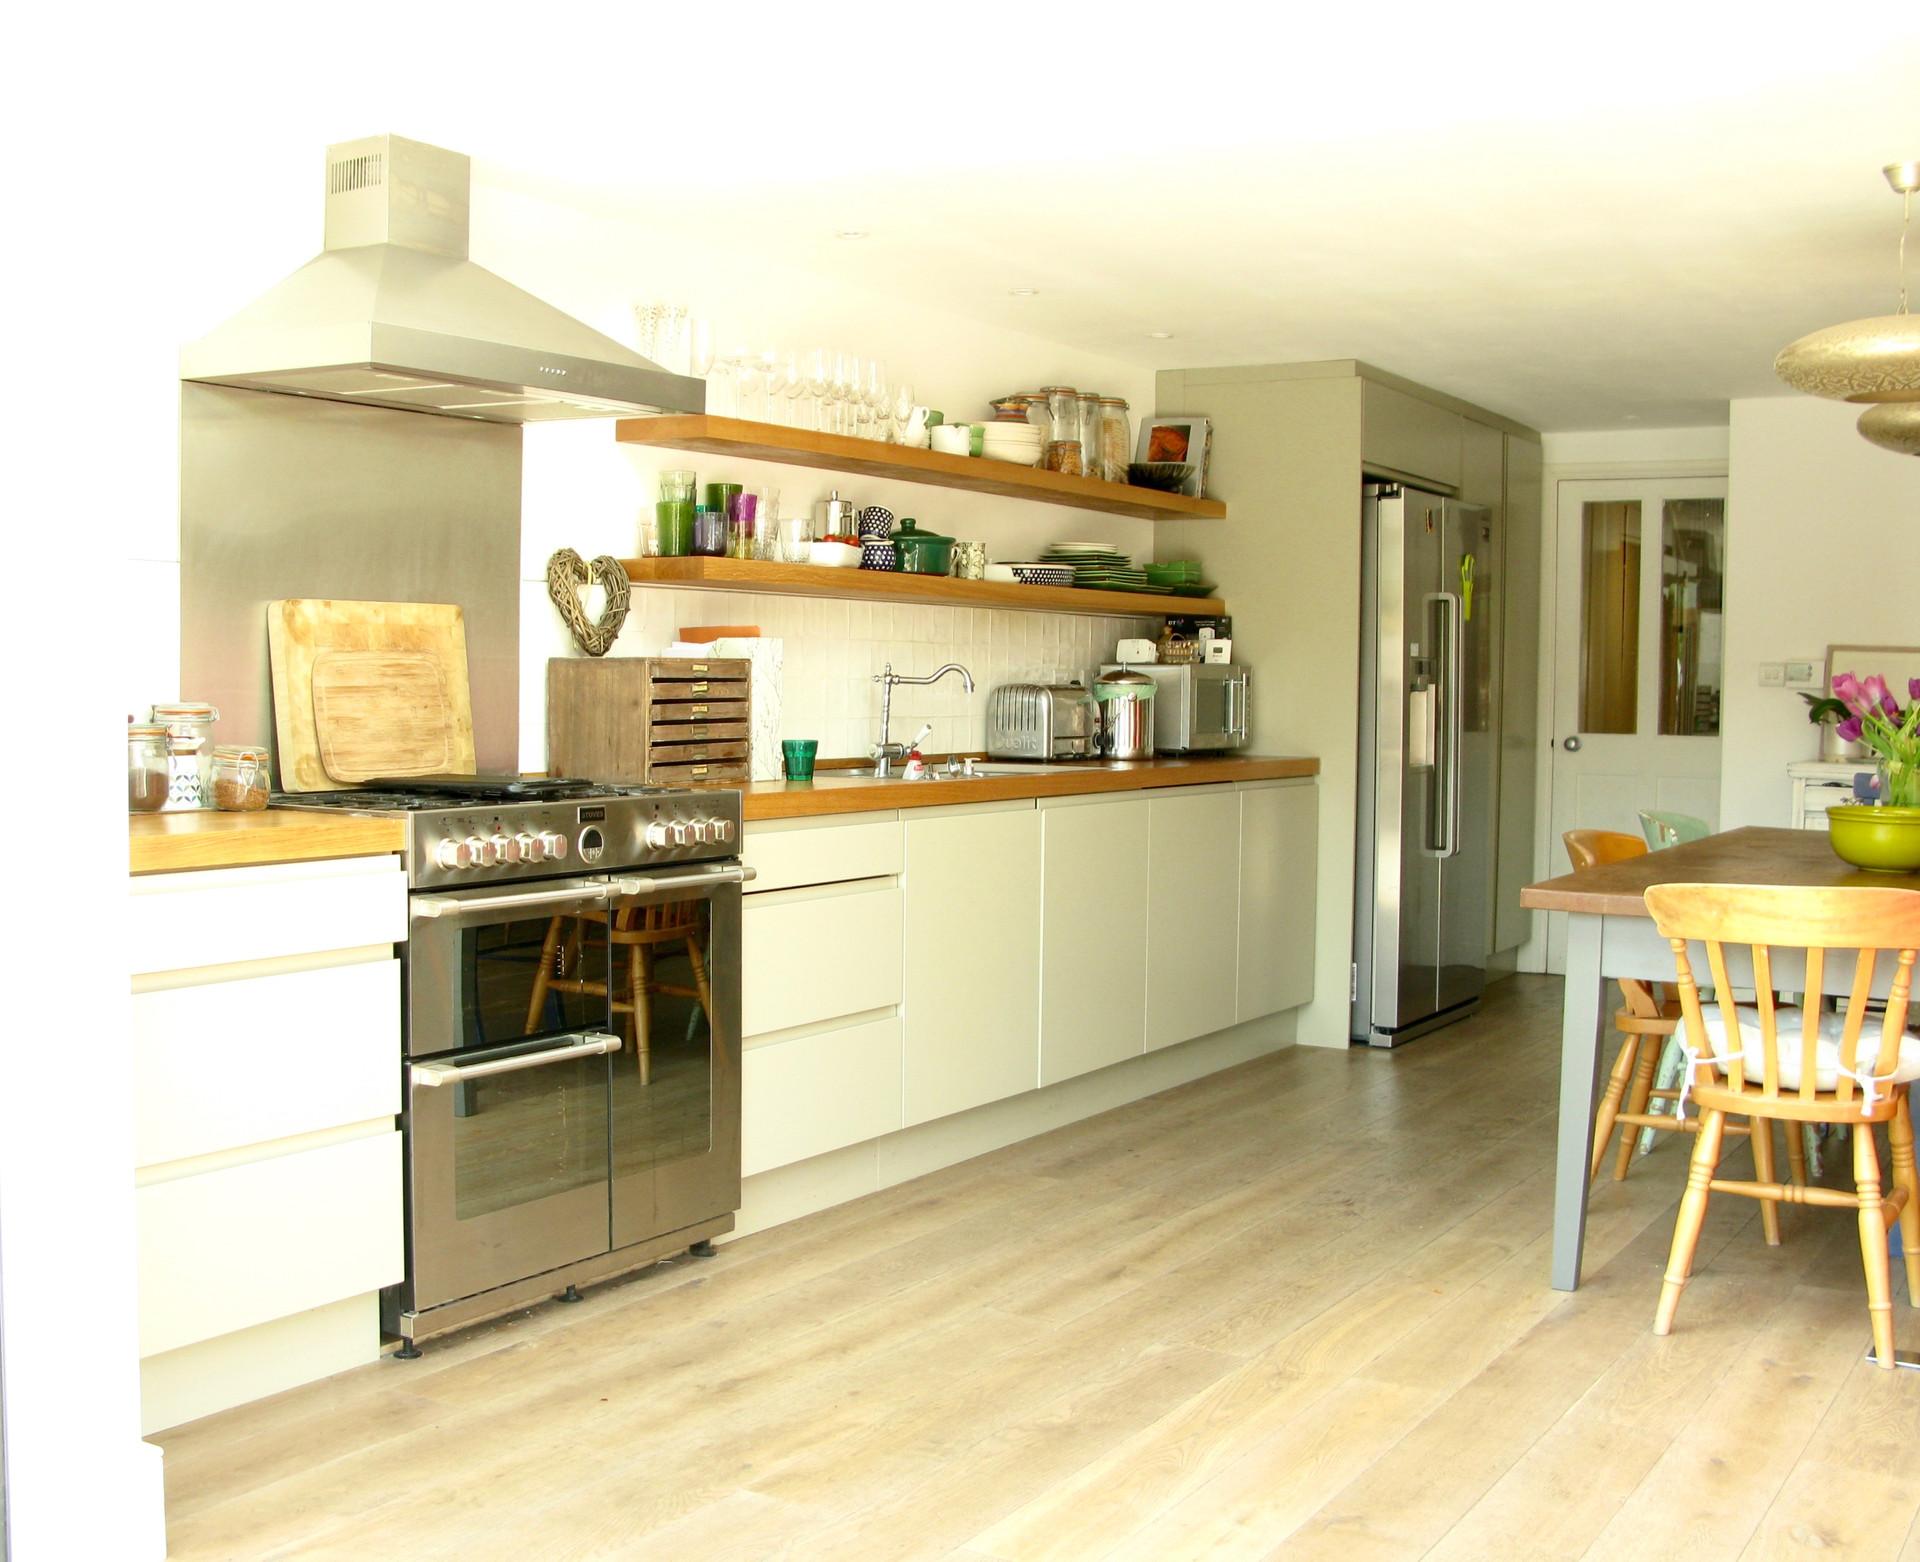 Extension Adys Road © footprintdesignstudio | Architecture | Interior Design | Greenwich | London